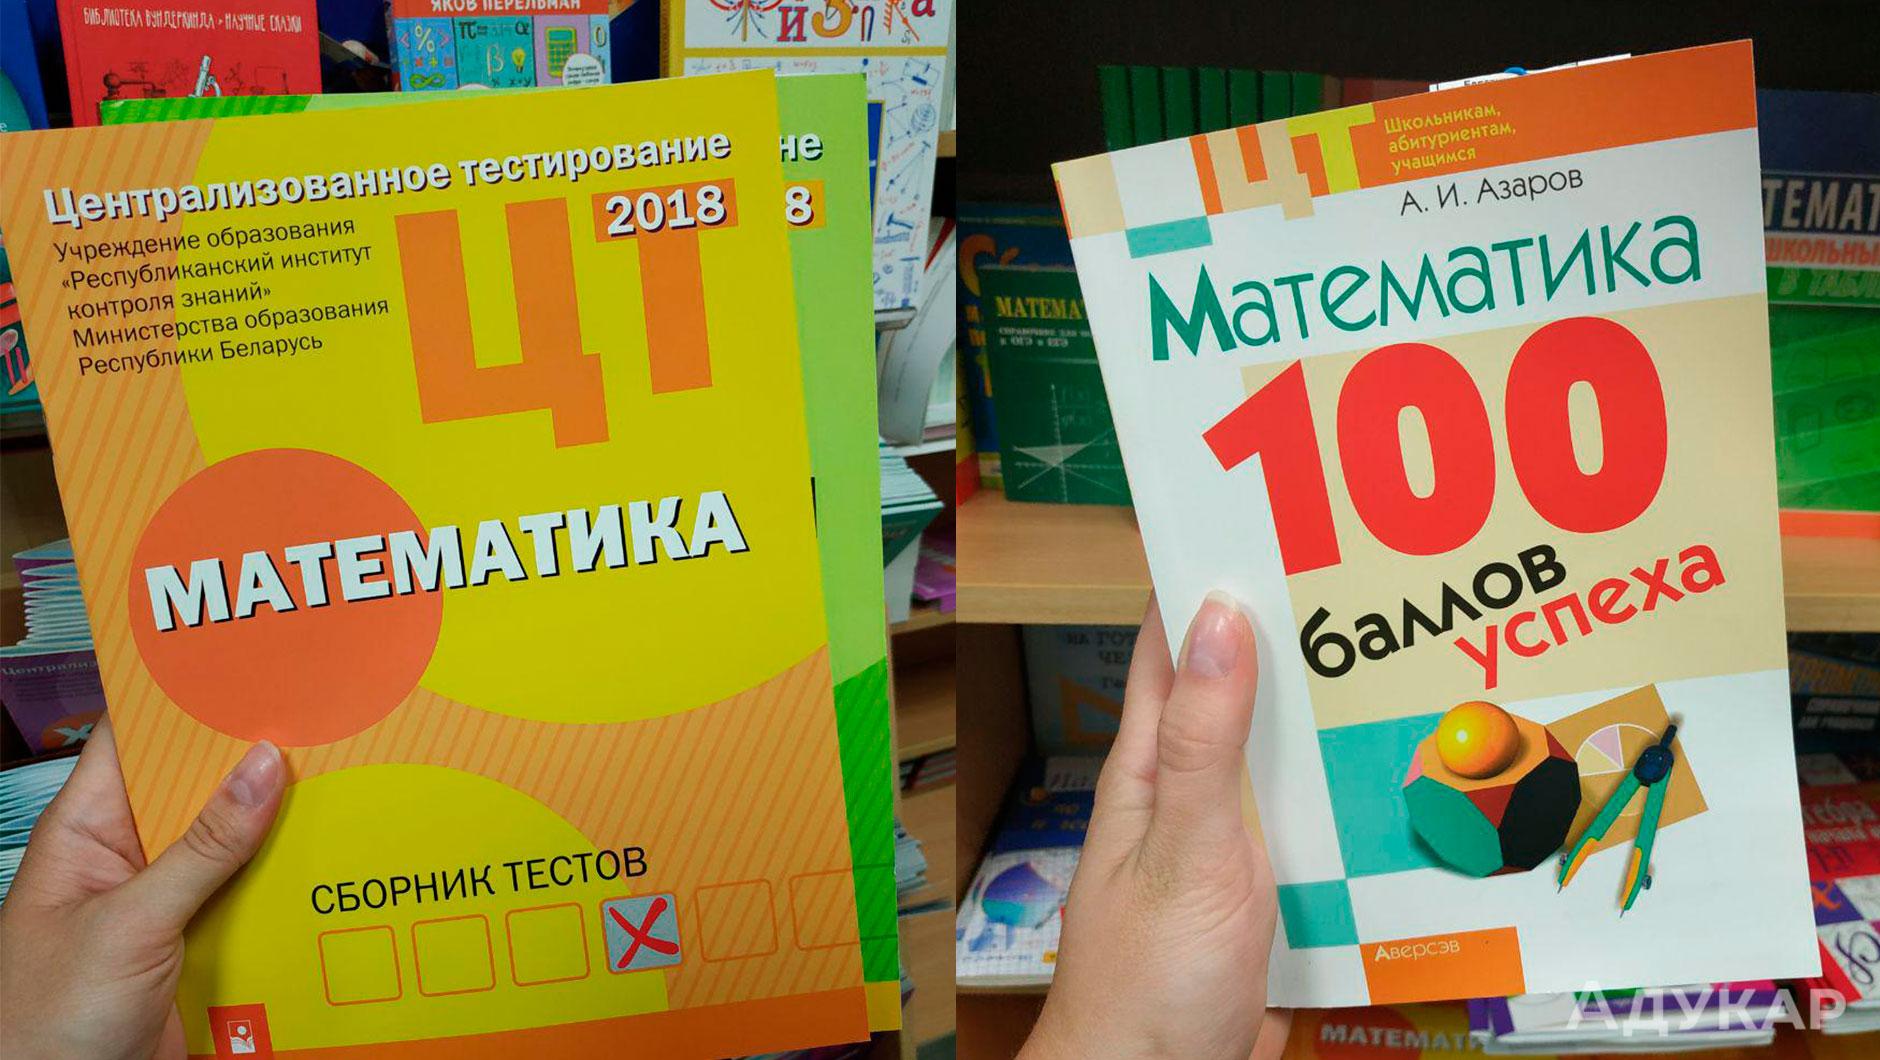 Капельян физика. пособие для подготовки к цт решебник капельян малашонок